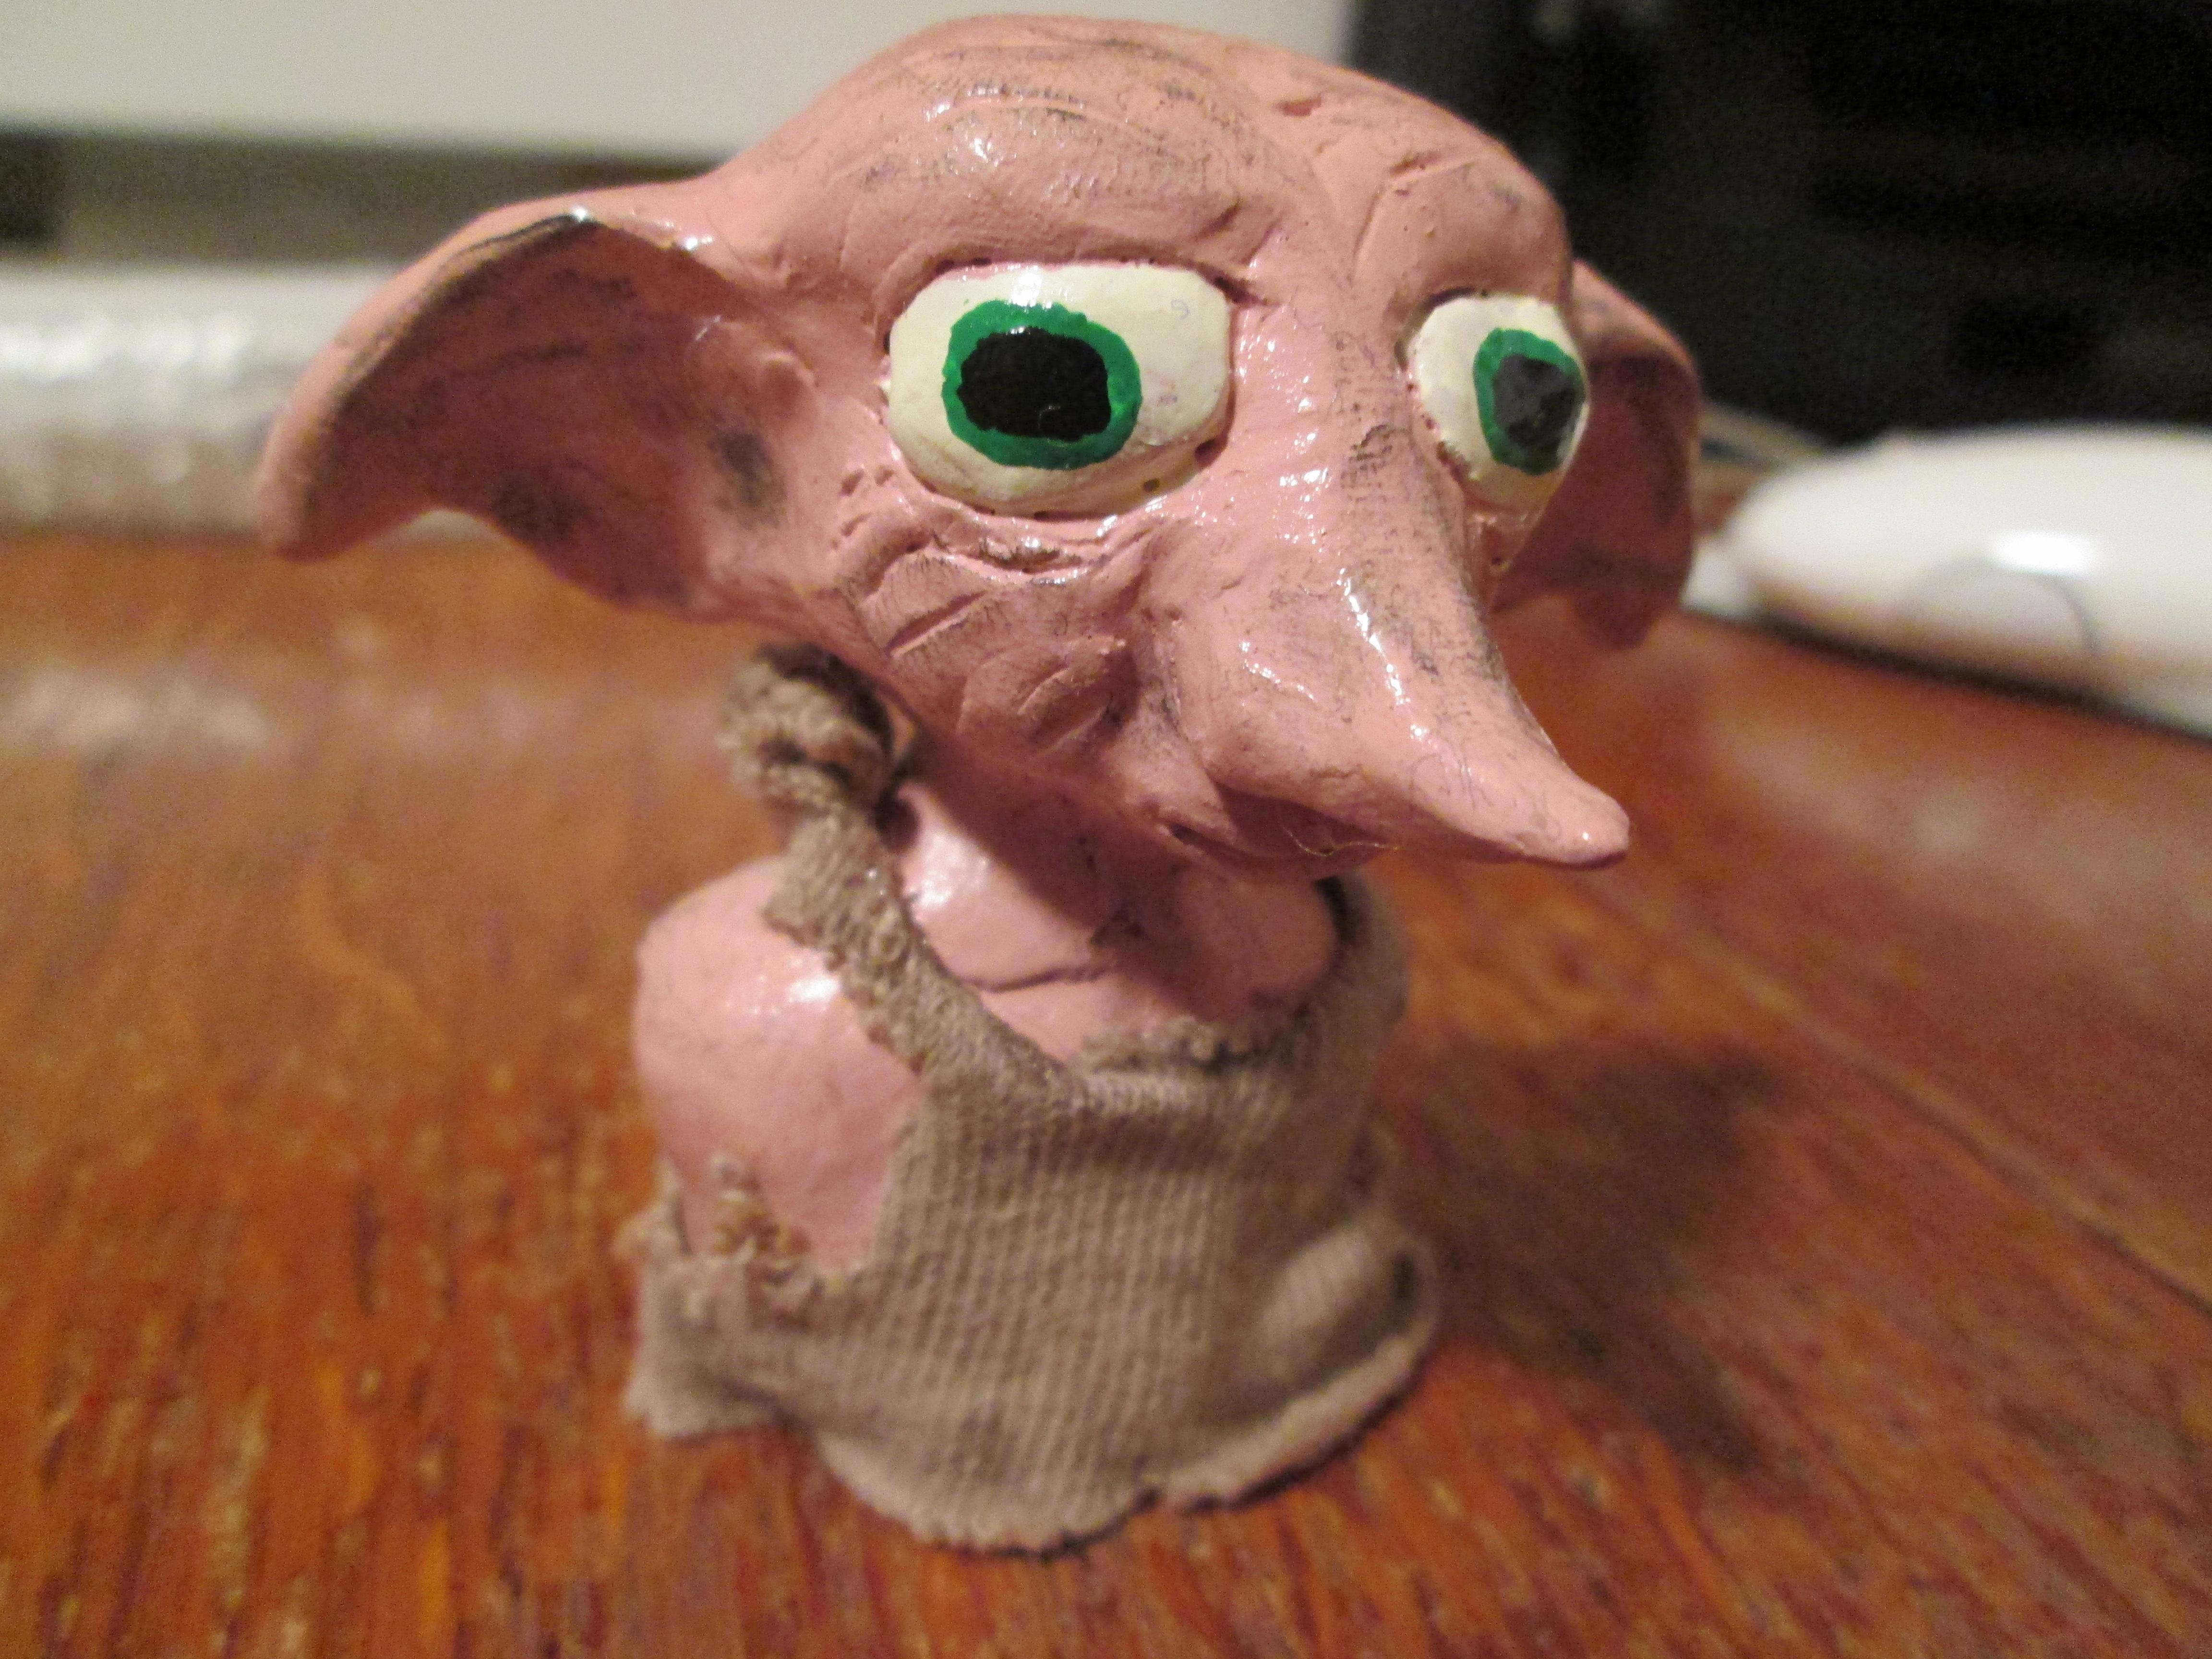 Clay Bust of Dobby the House Elf